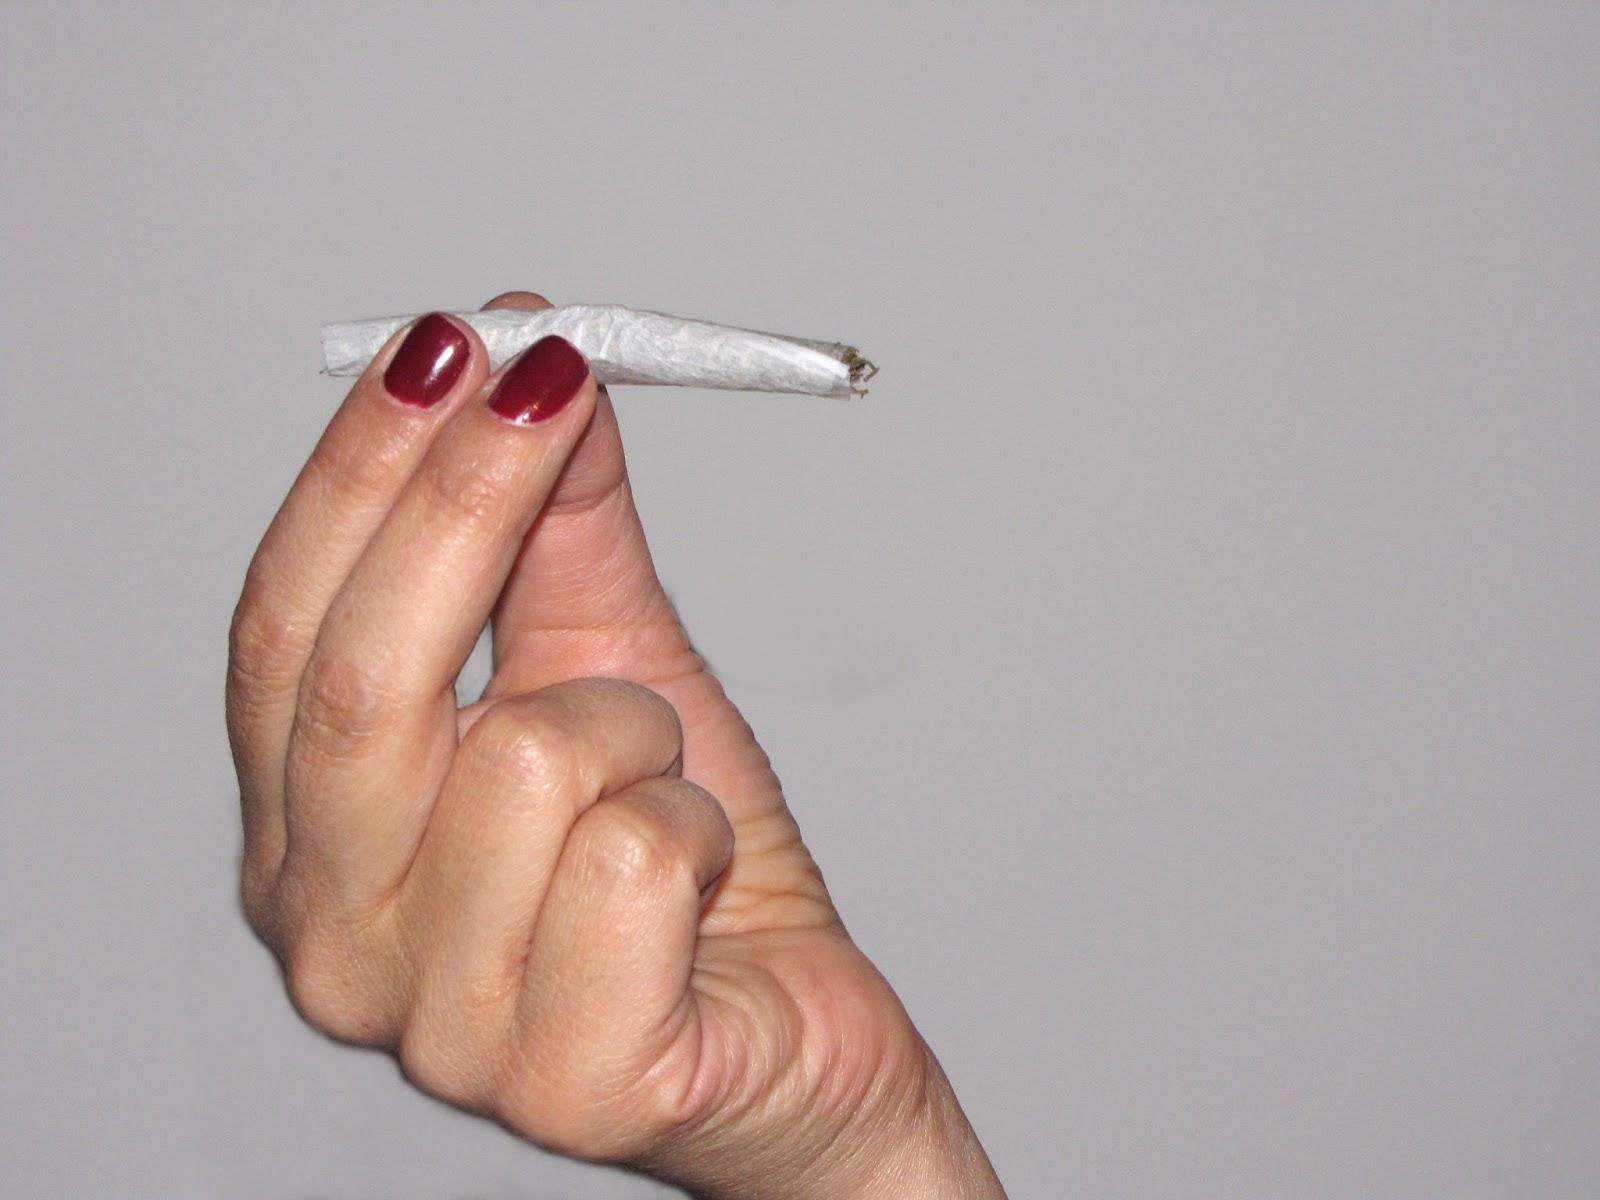 .: Portar 20 gramos de marihuana es legal en Colombia